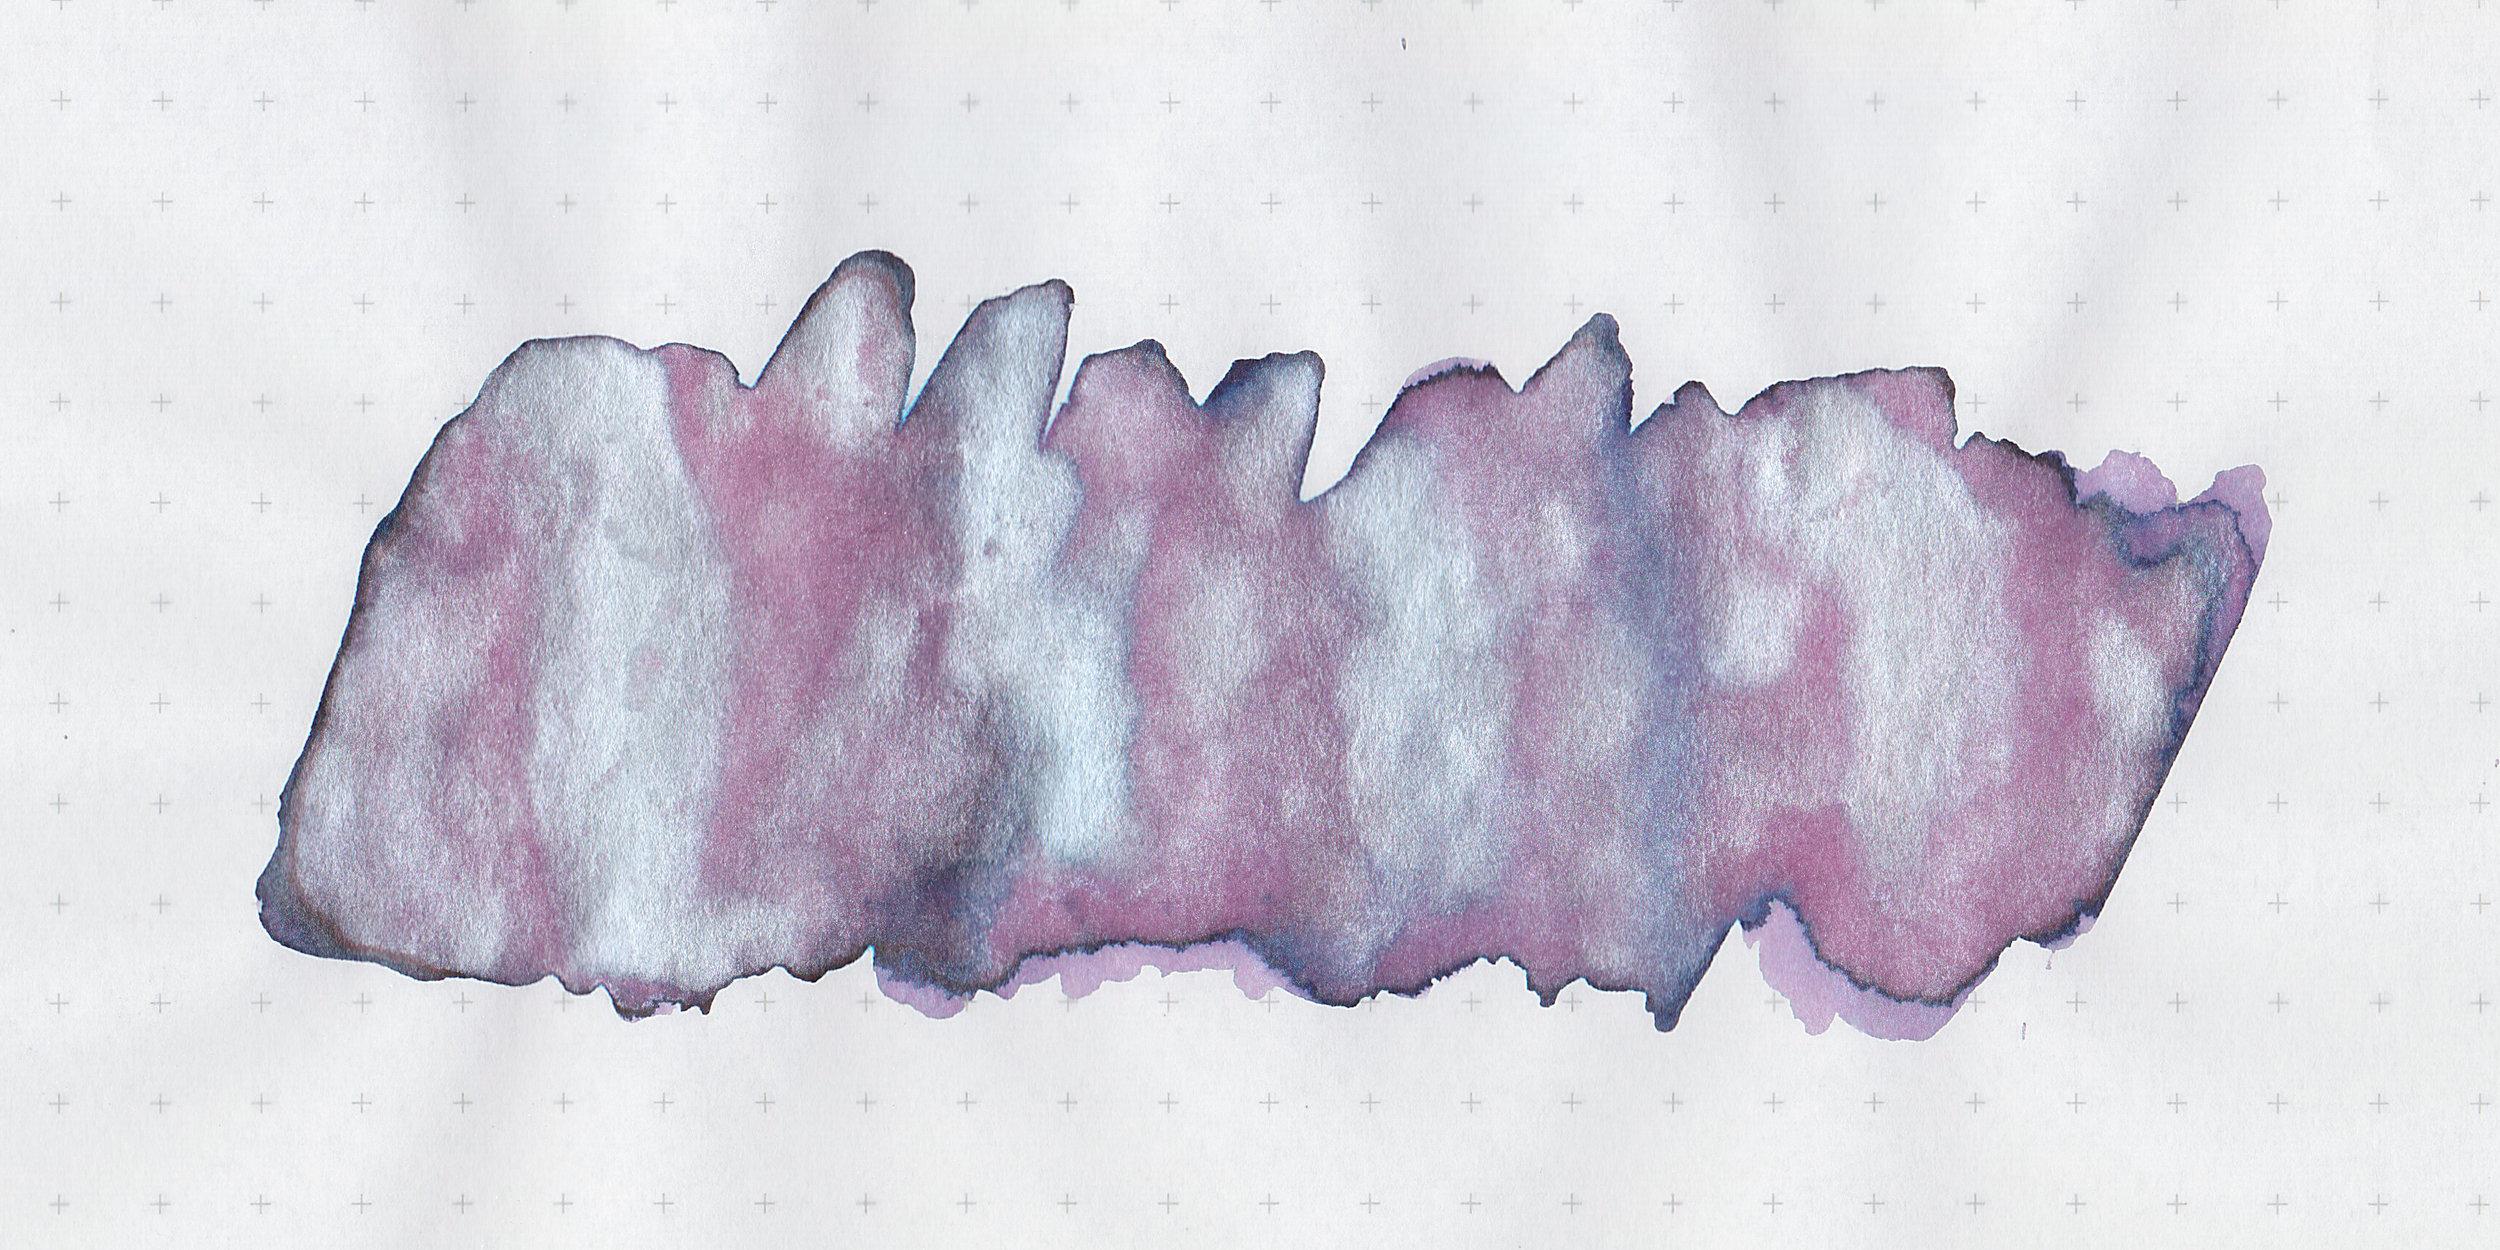 ro-violet-clouds-3.jpg